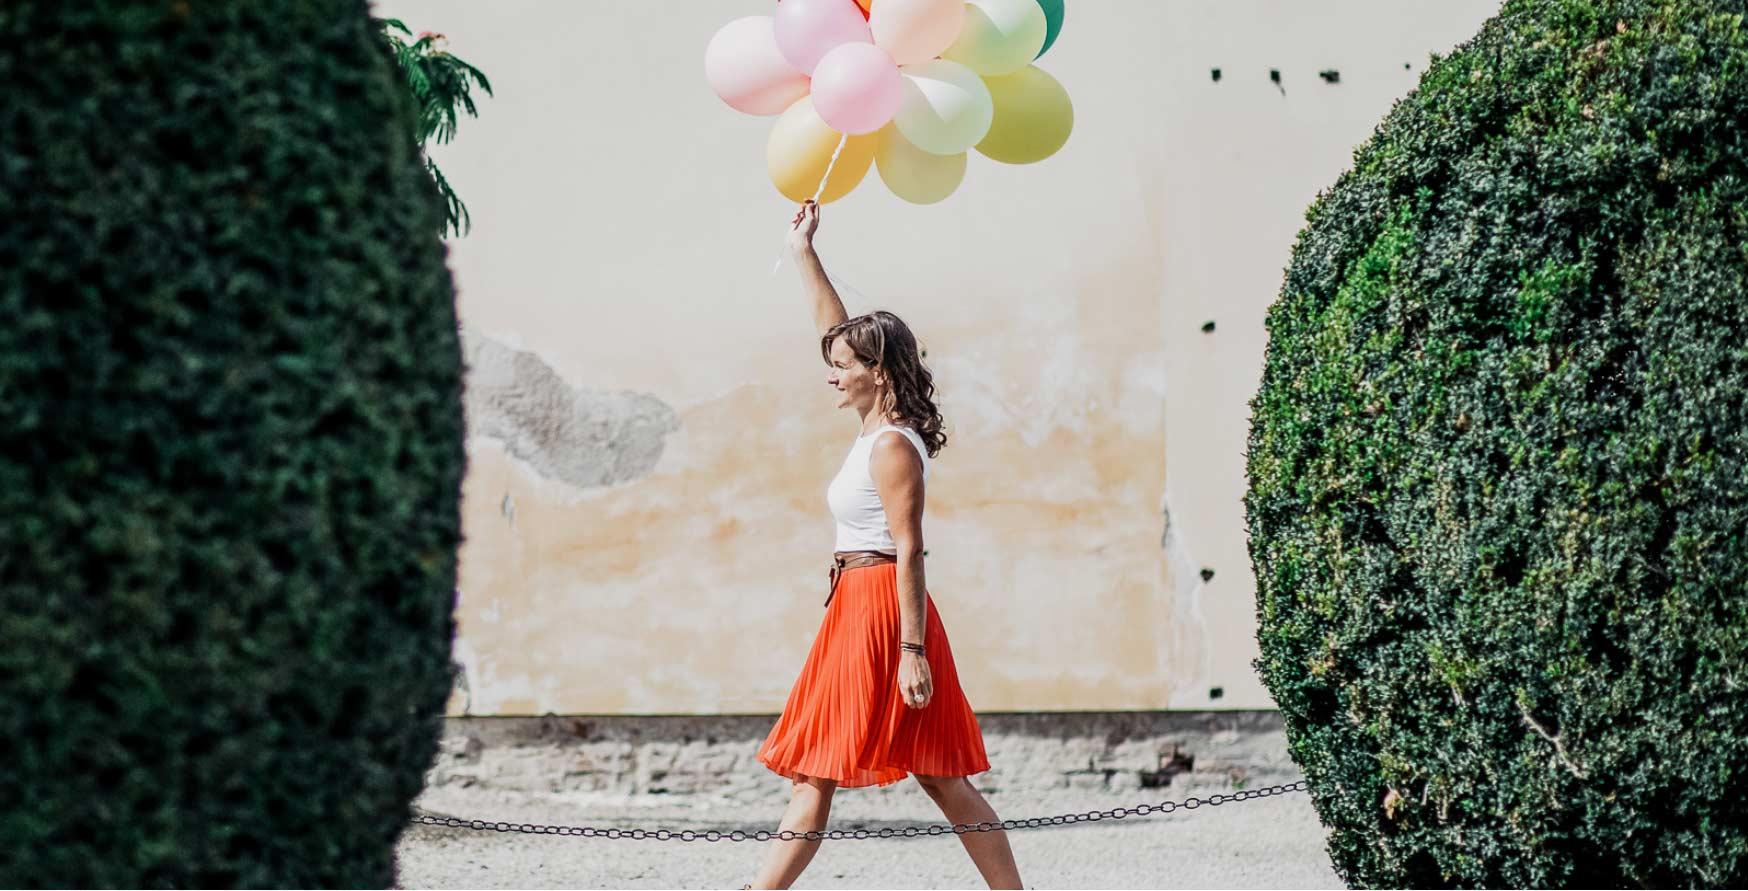 11Nancy geht mit Luftballons in der Hand